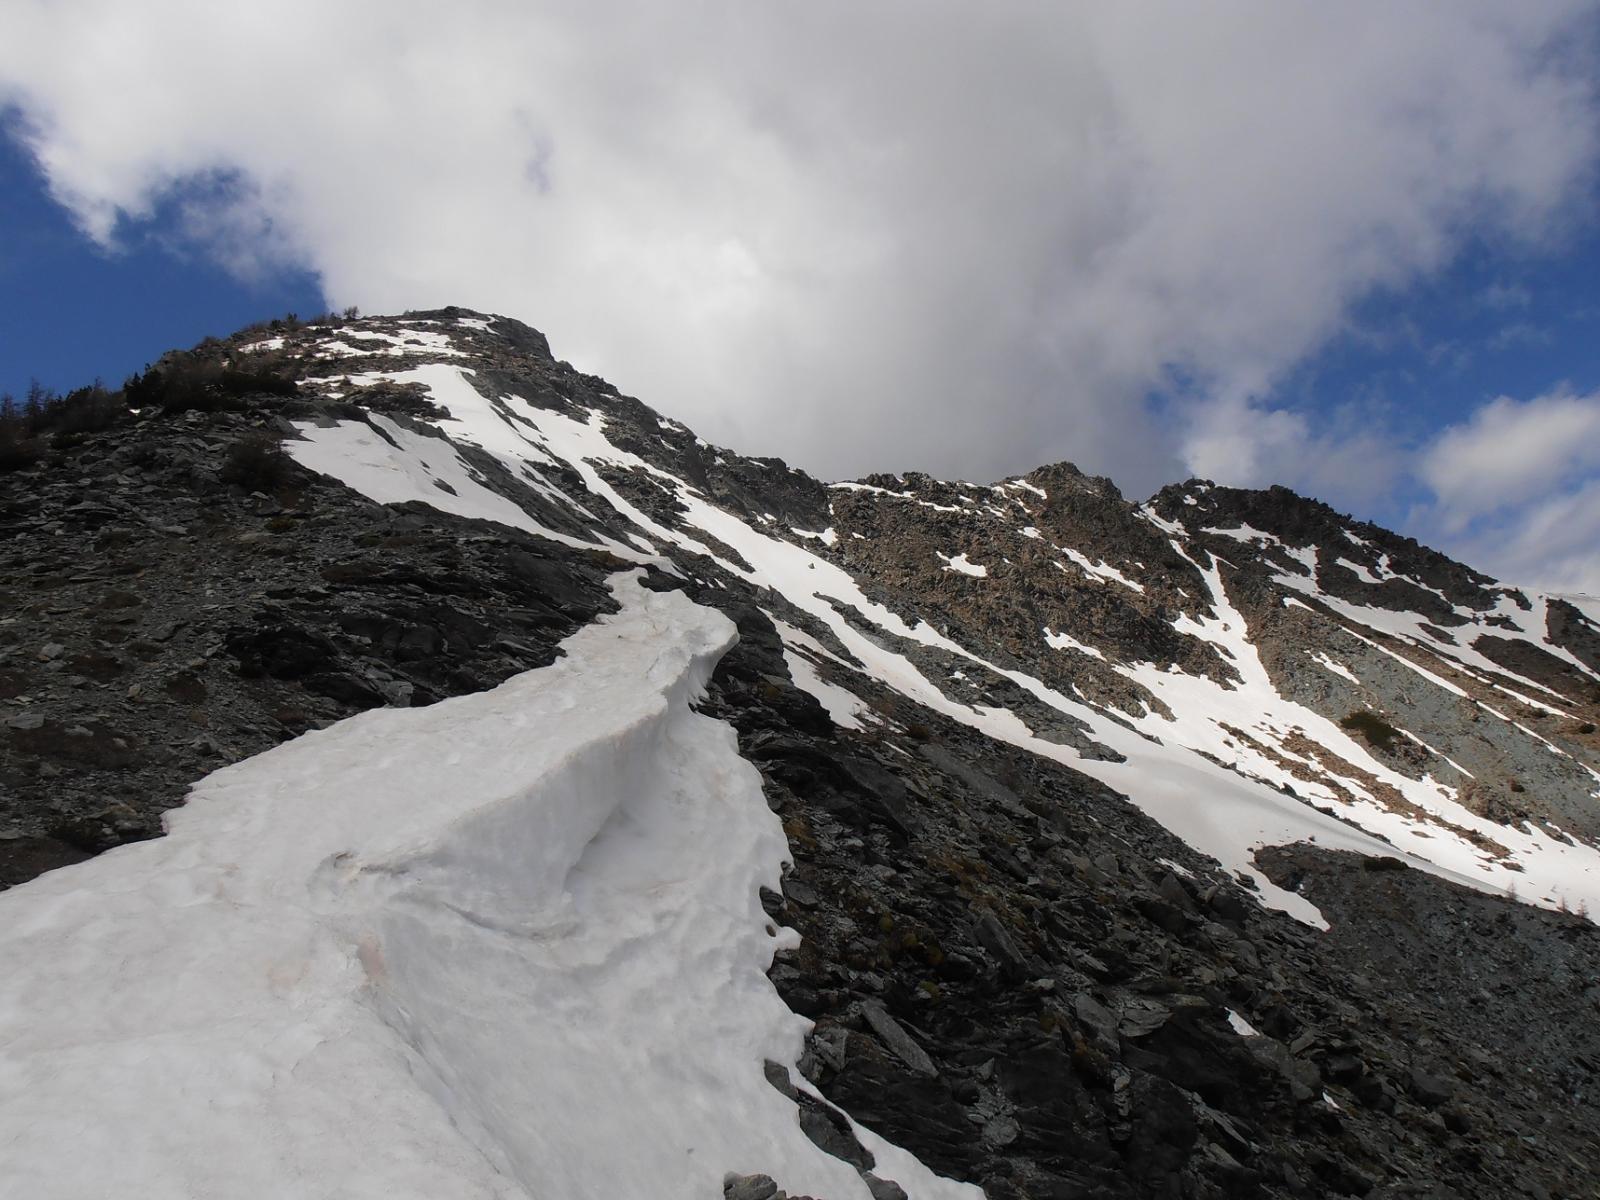 02 - La cima dal sentiero 8, qualche nevaio si lambisce ancora